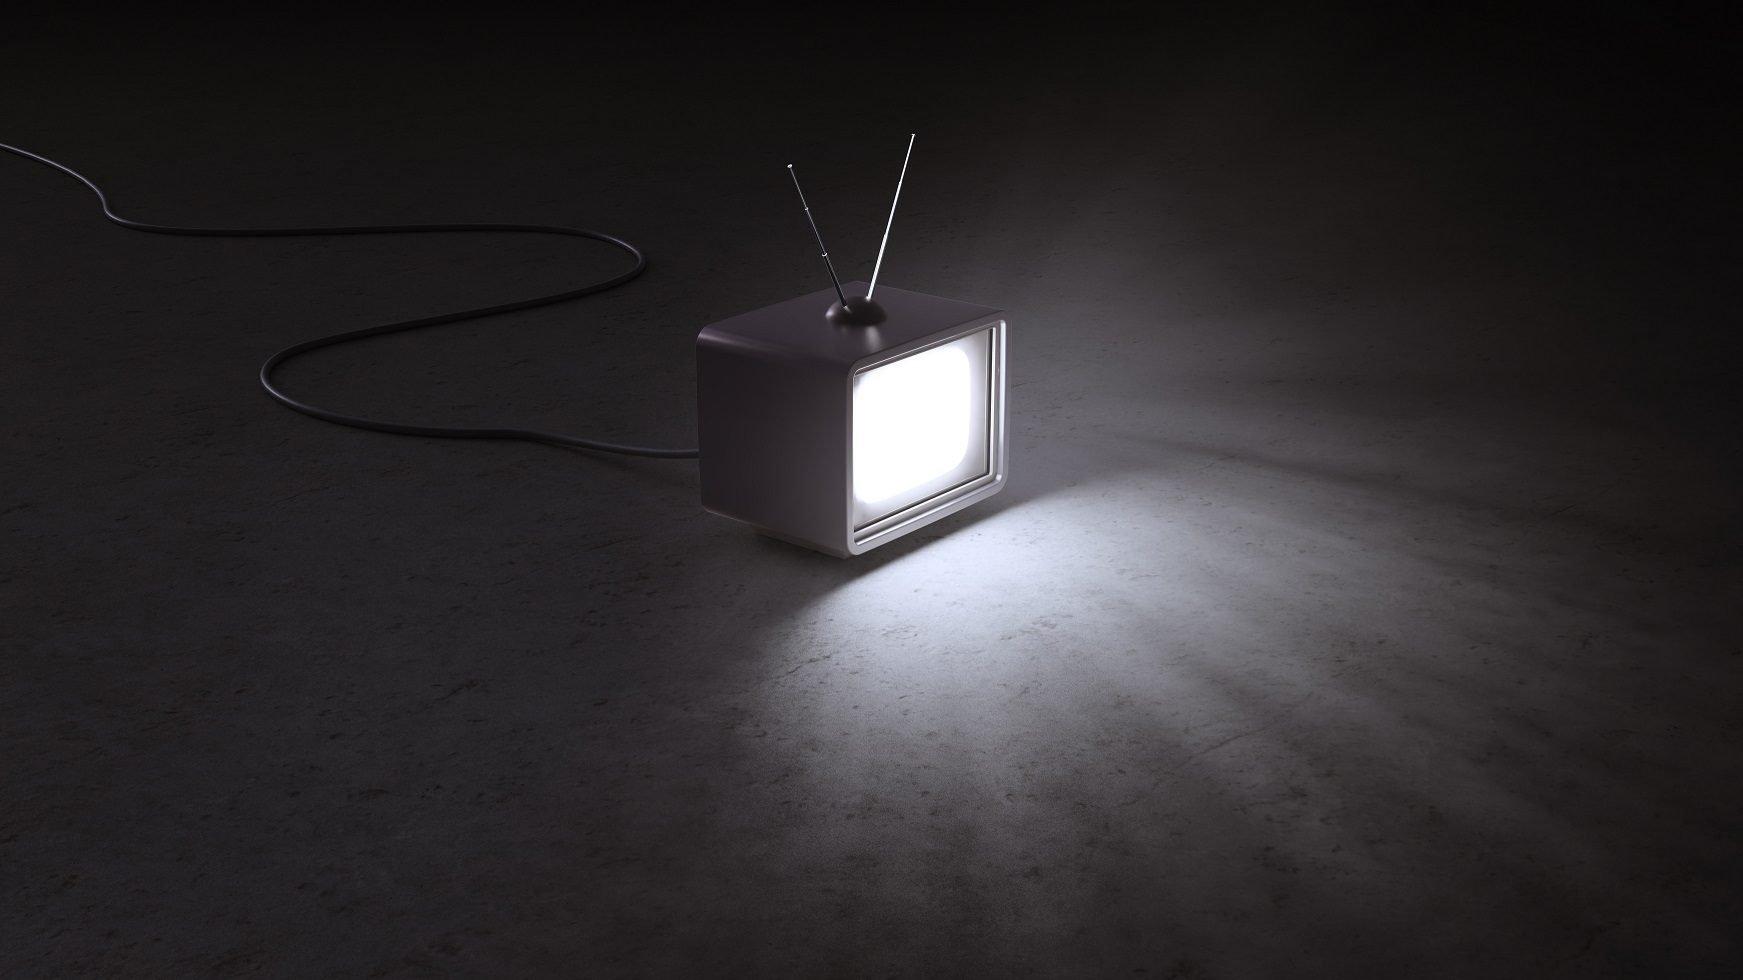 Stoomcursus THIS=TV